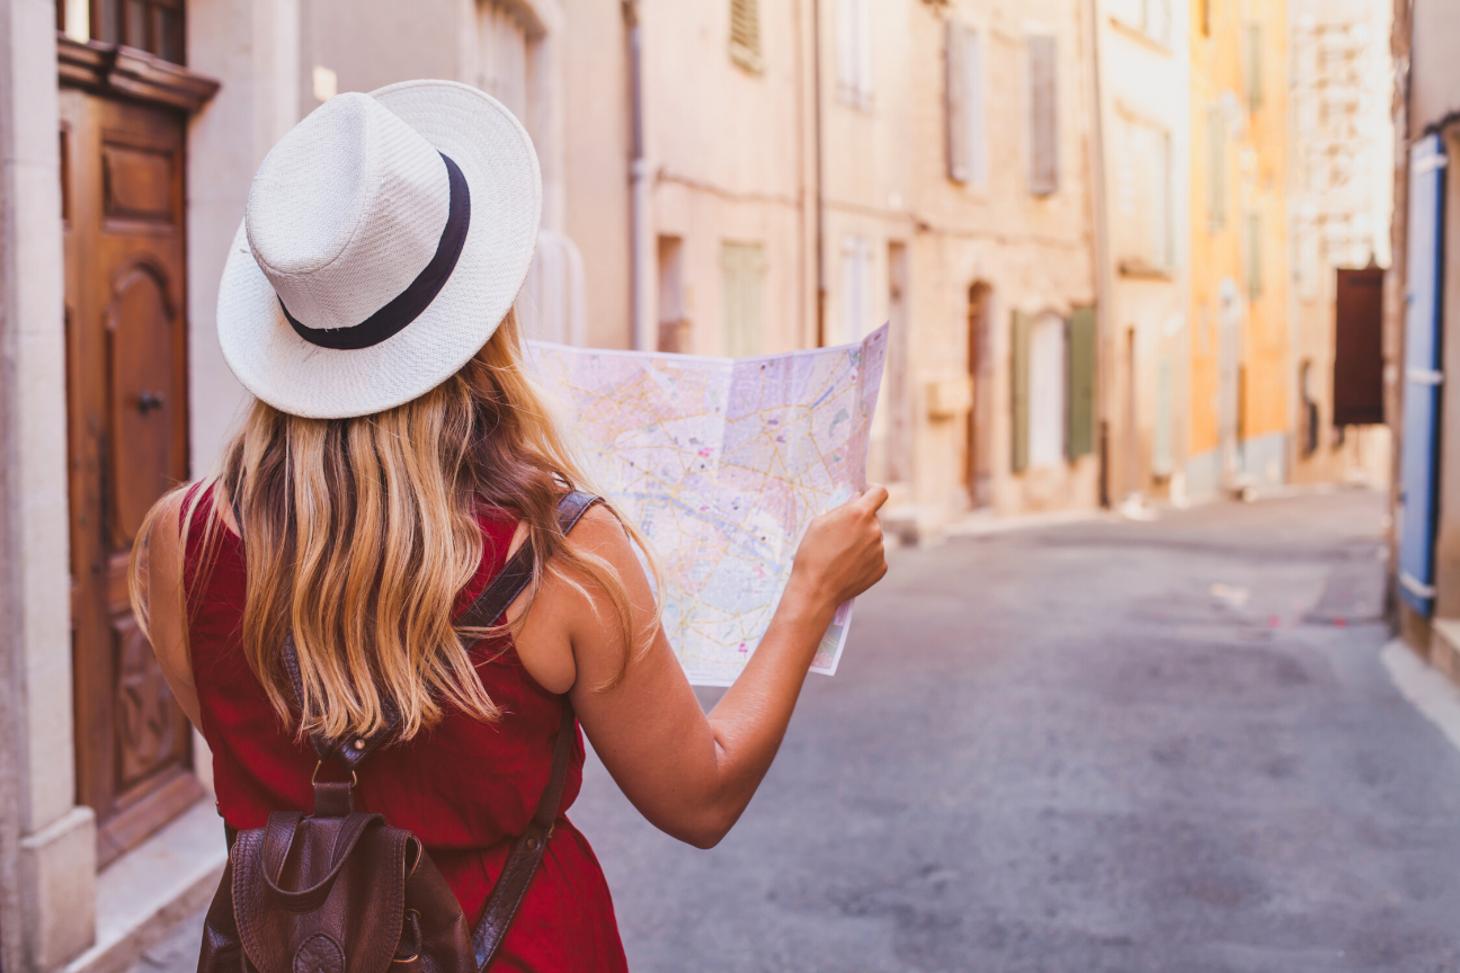 Une étudiante consulte une carte géographique